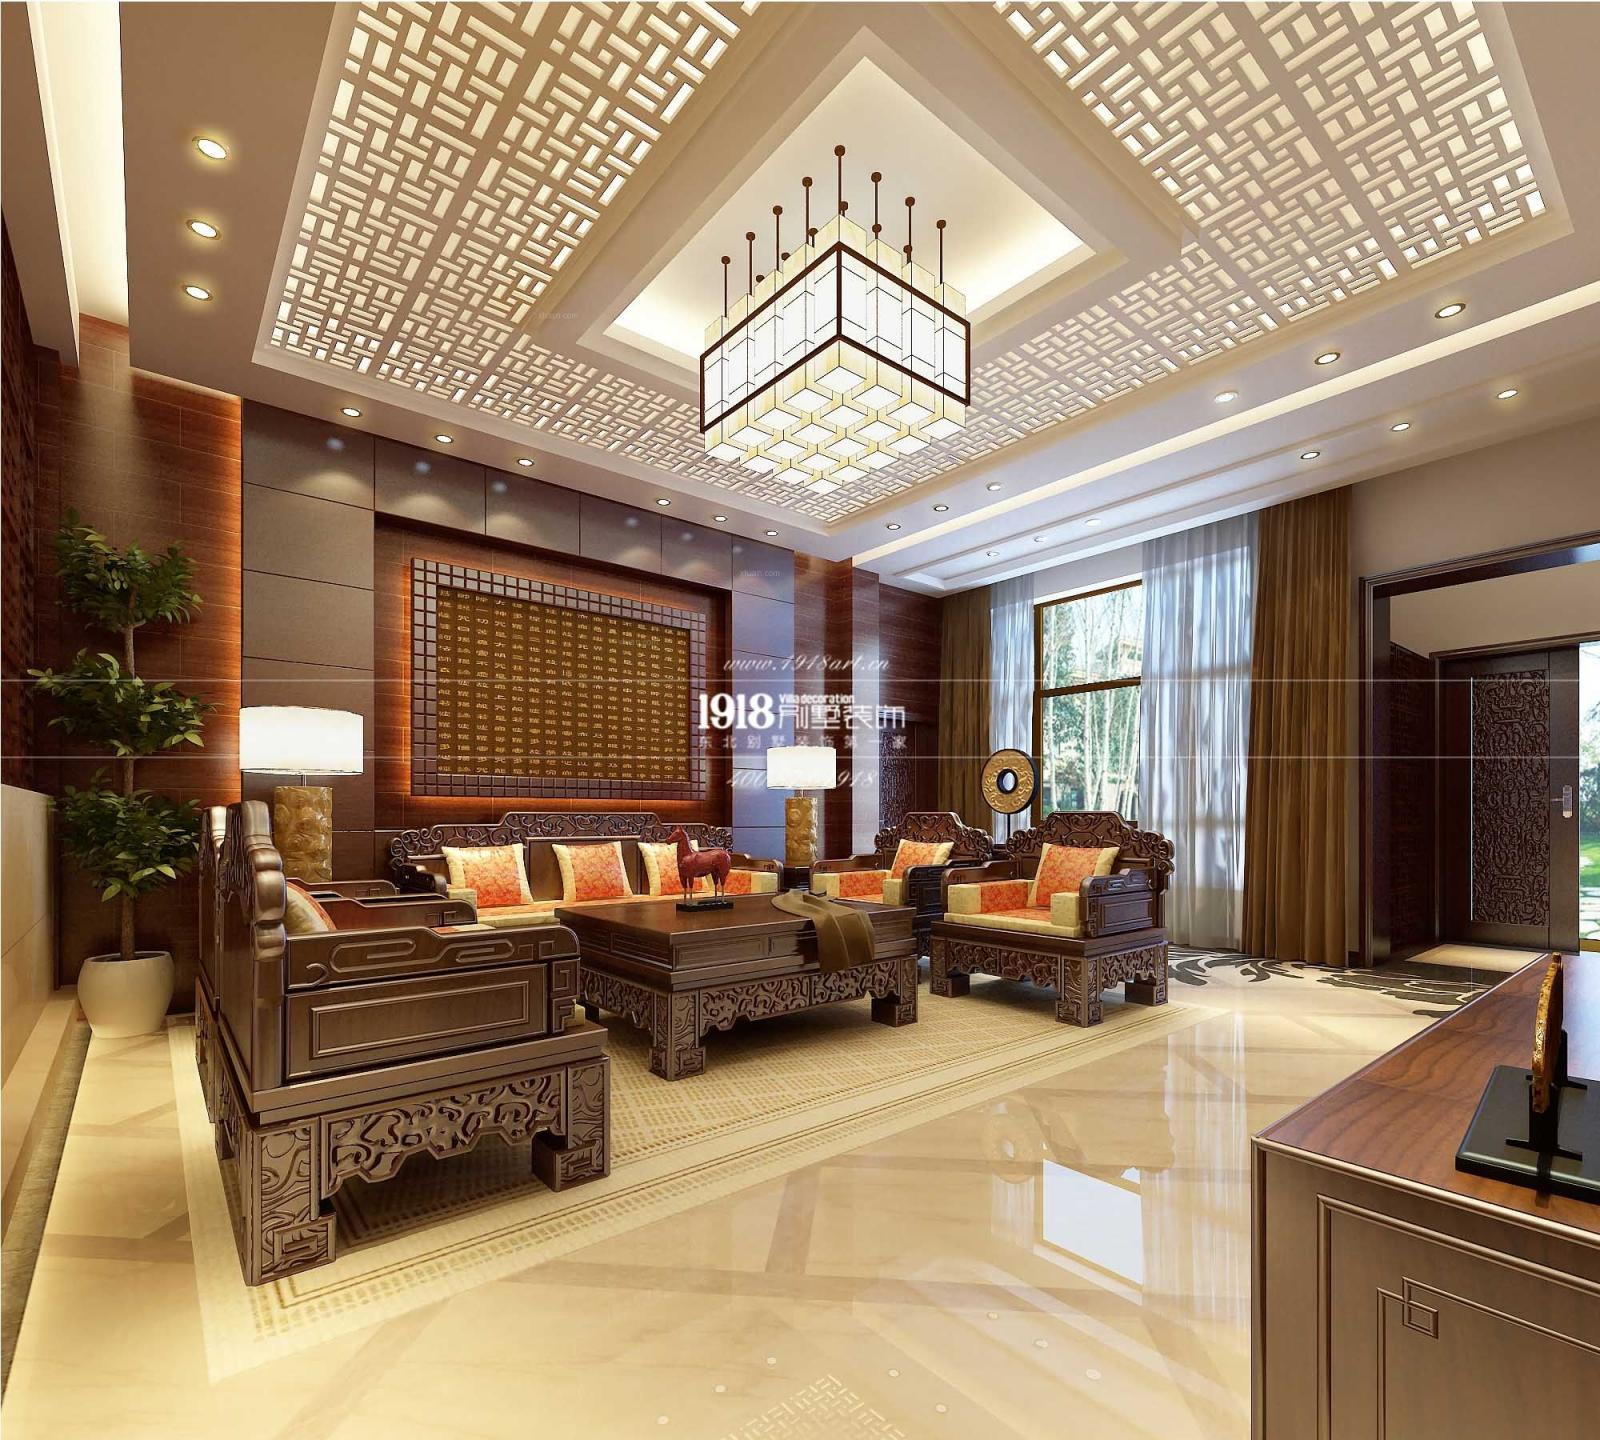 锦州联排别墅中式风格装修效果图图片